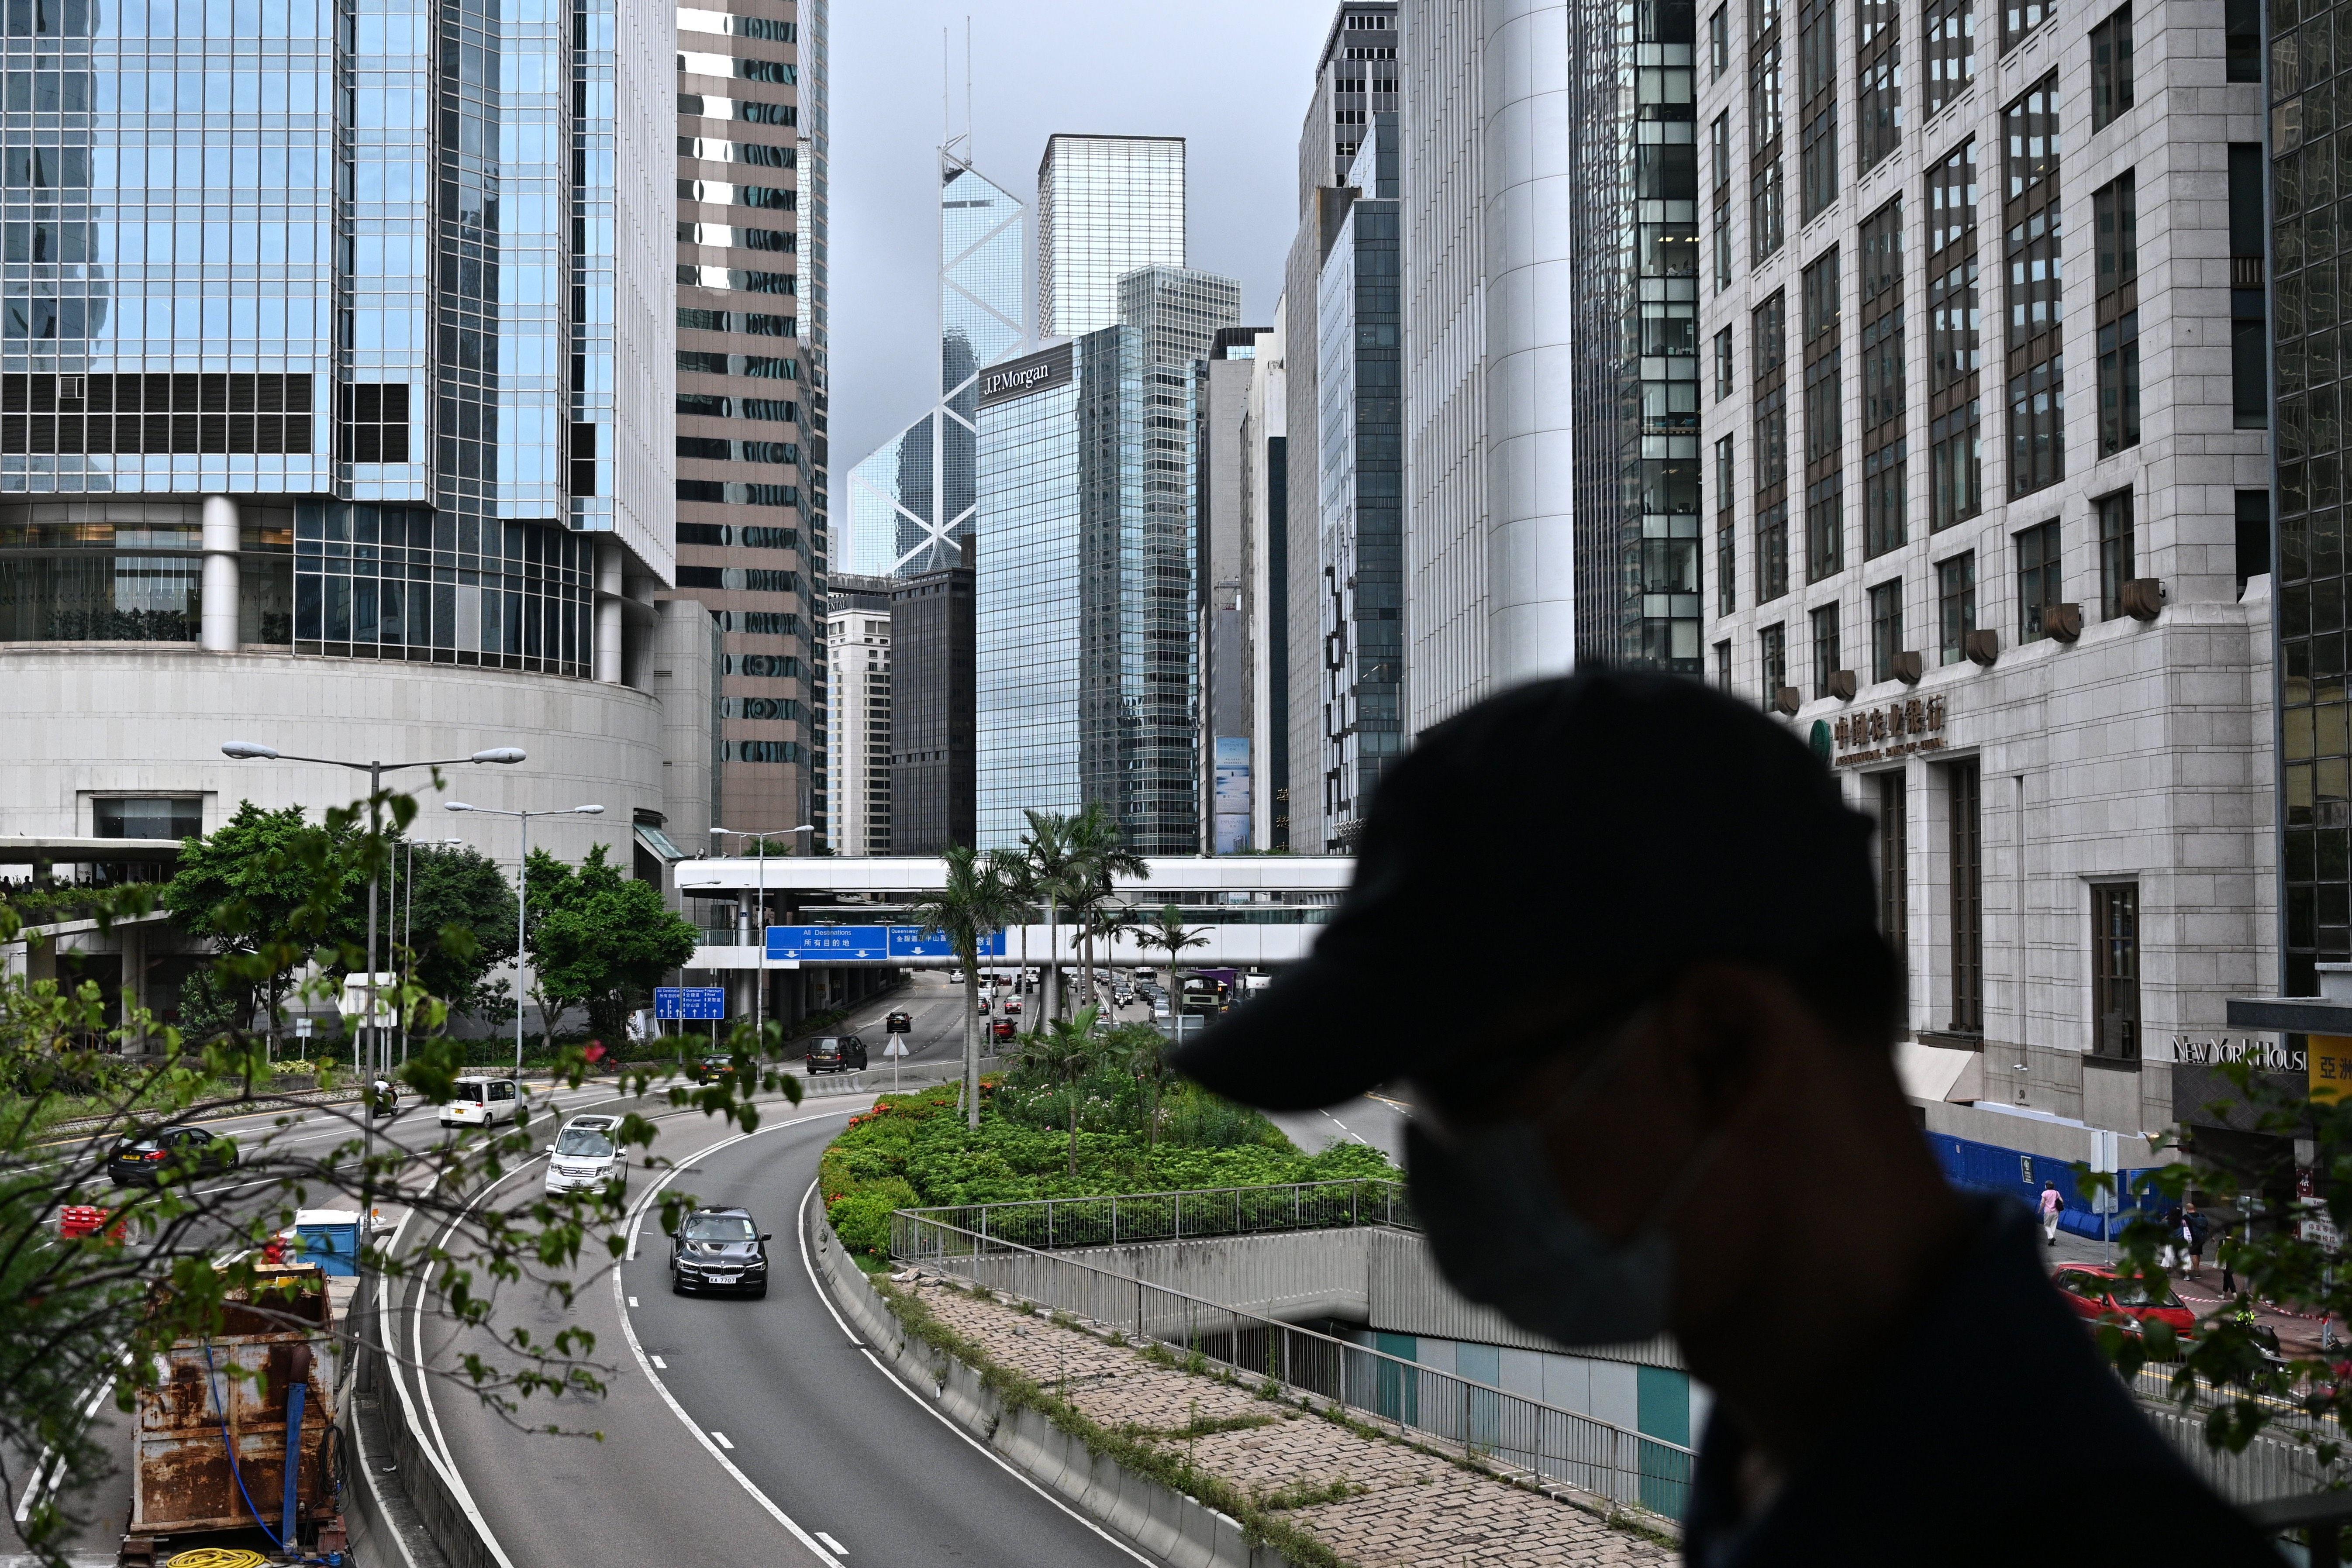 北京在香港實施新的國安法,賦予中共更大權力限制香港的政治運動。美國、英國和其它西方國家表示,這一舉動違反「一國兩制」原則,以及《中英聯合聲明》。圖為香港。(ANTHONY WALLACE/AFP via Getty Images)